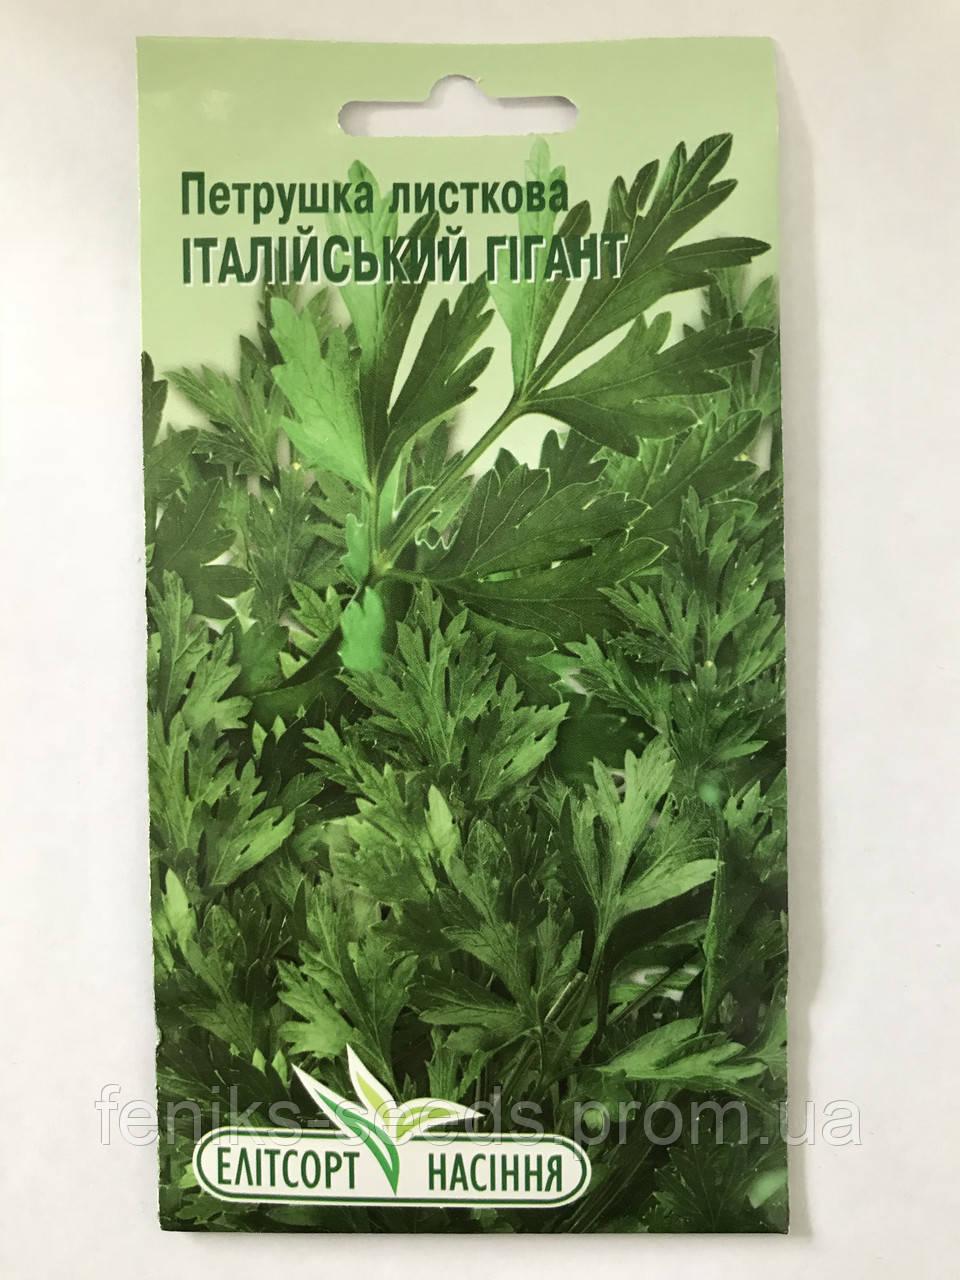 Семена петрушка листовая Итальянский Гигант 3г ЭлитСорт